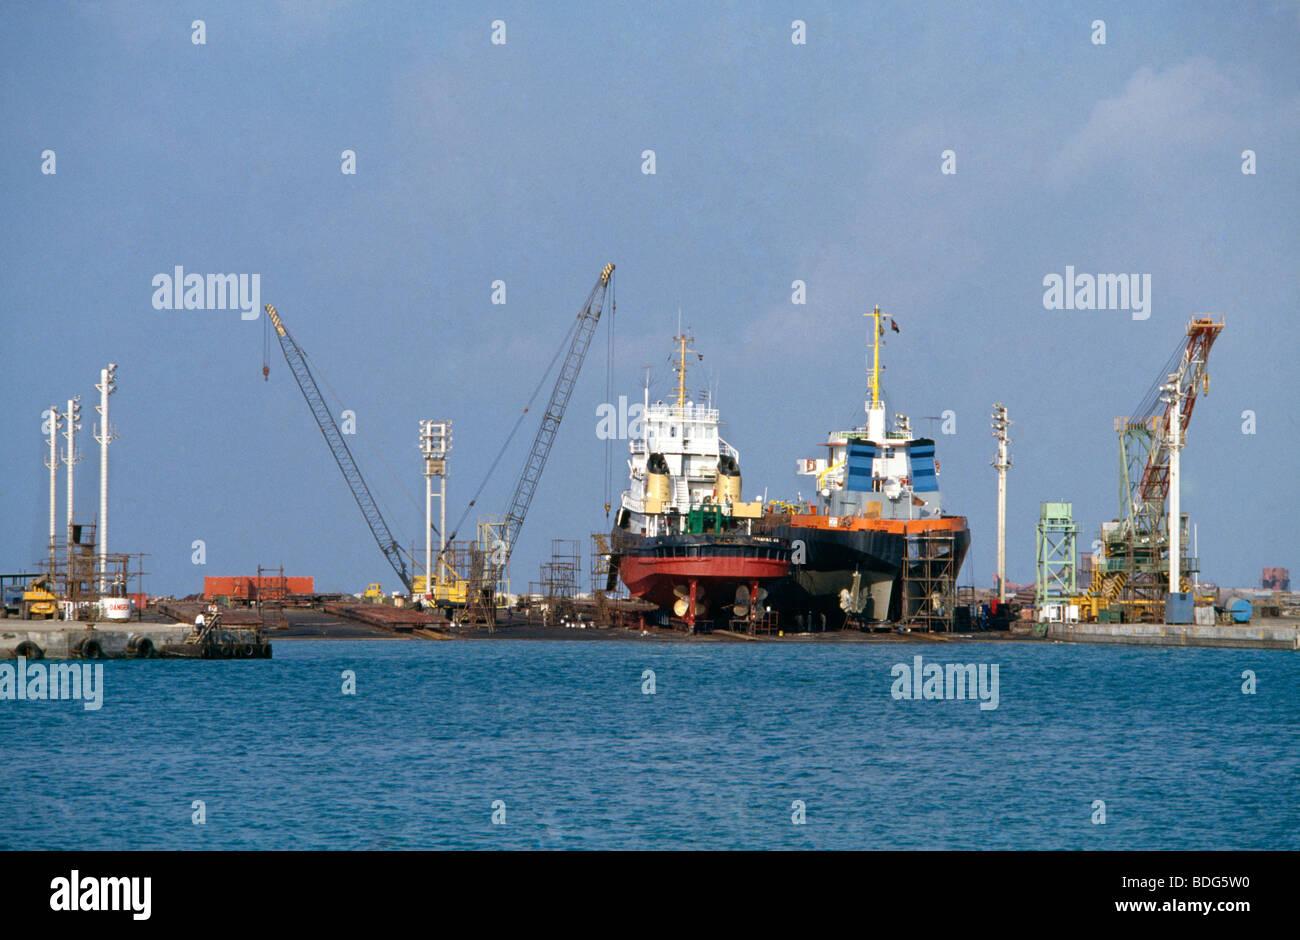 Dubai UAE Ships in Dry Dock - Stock Image